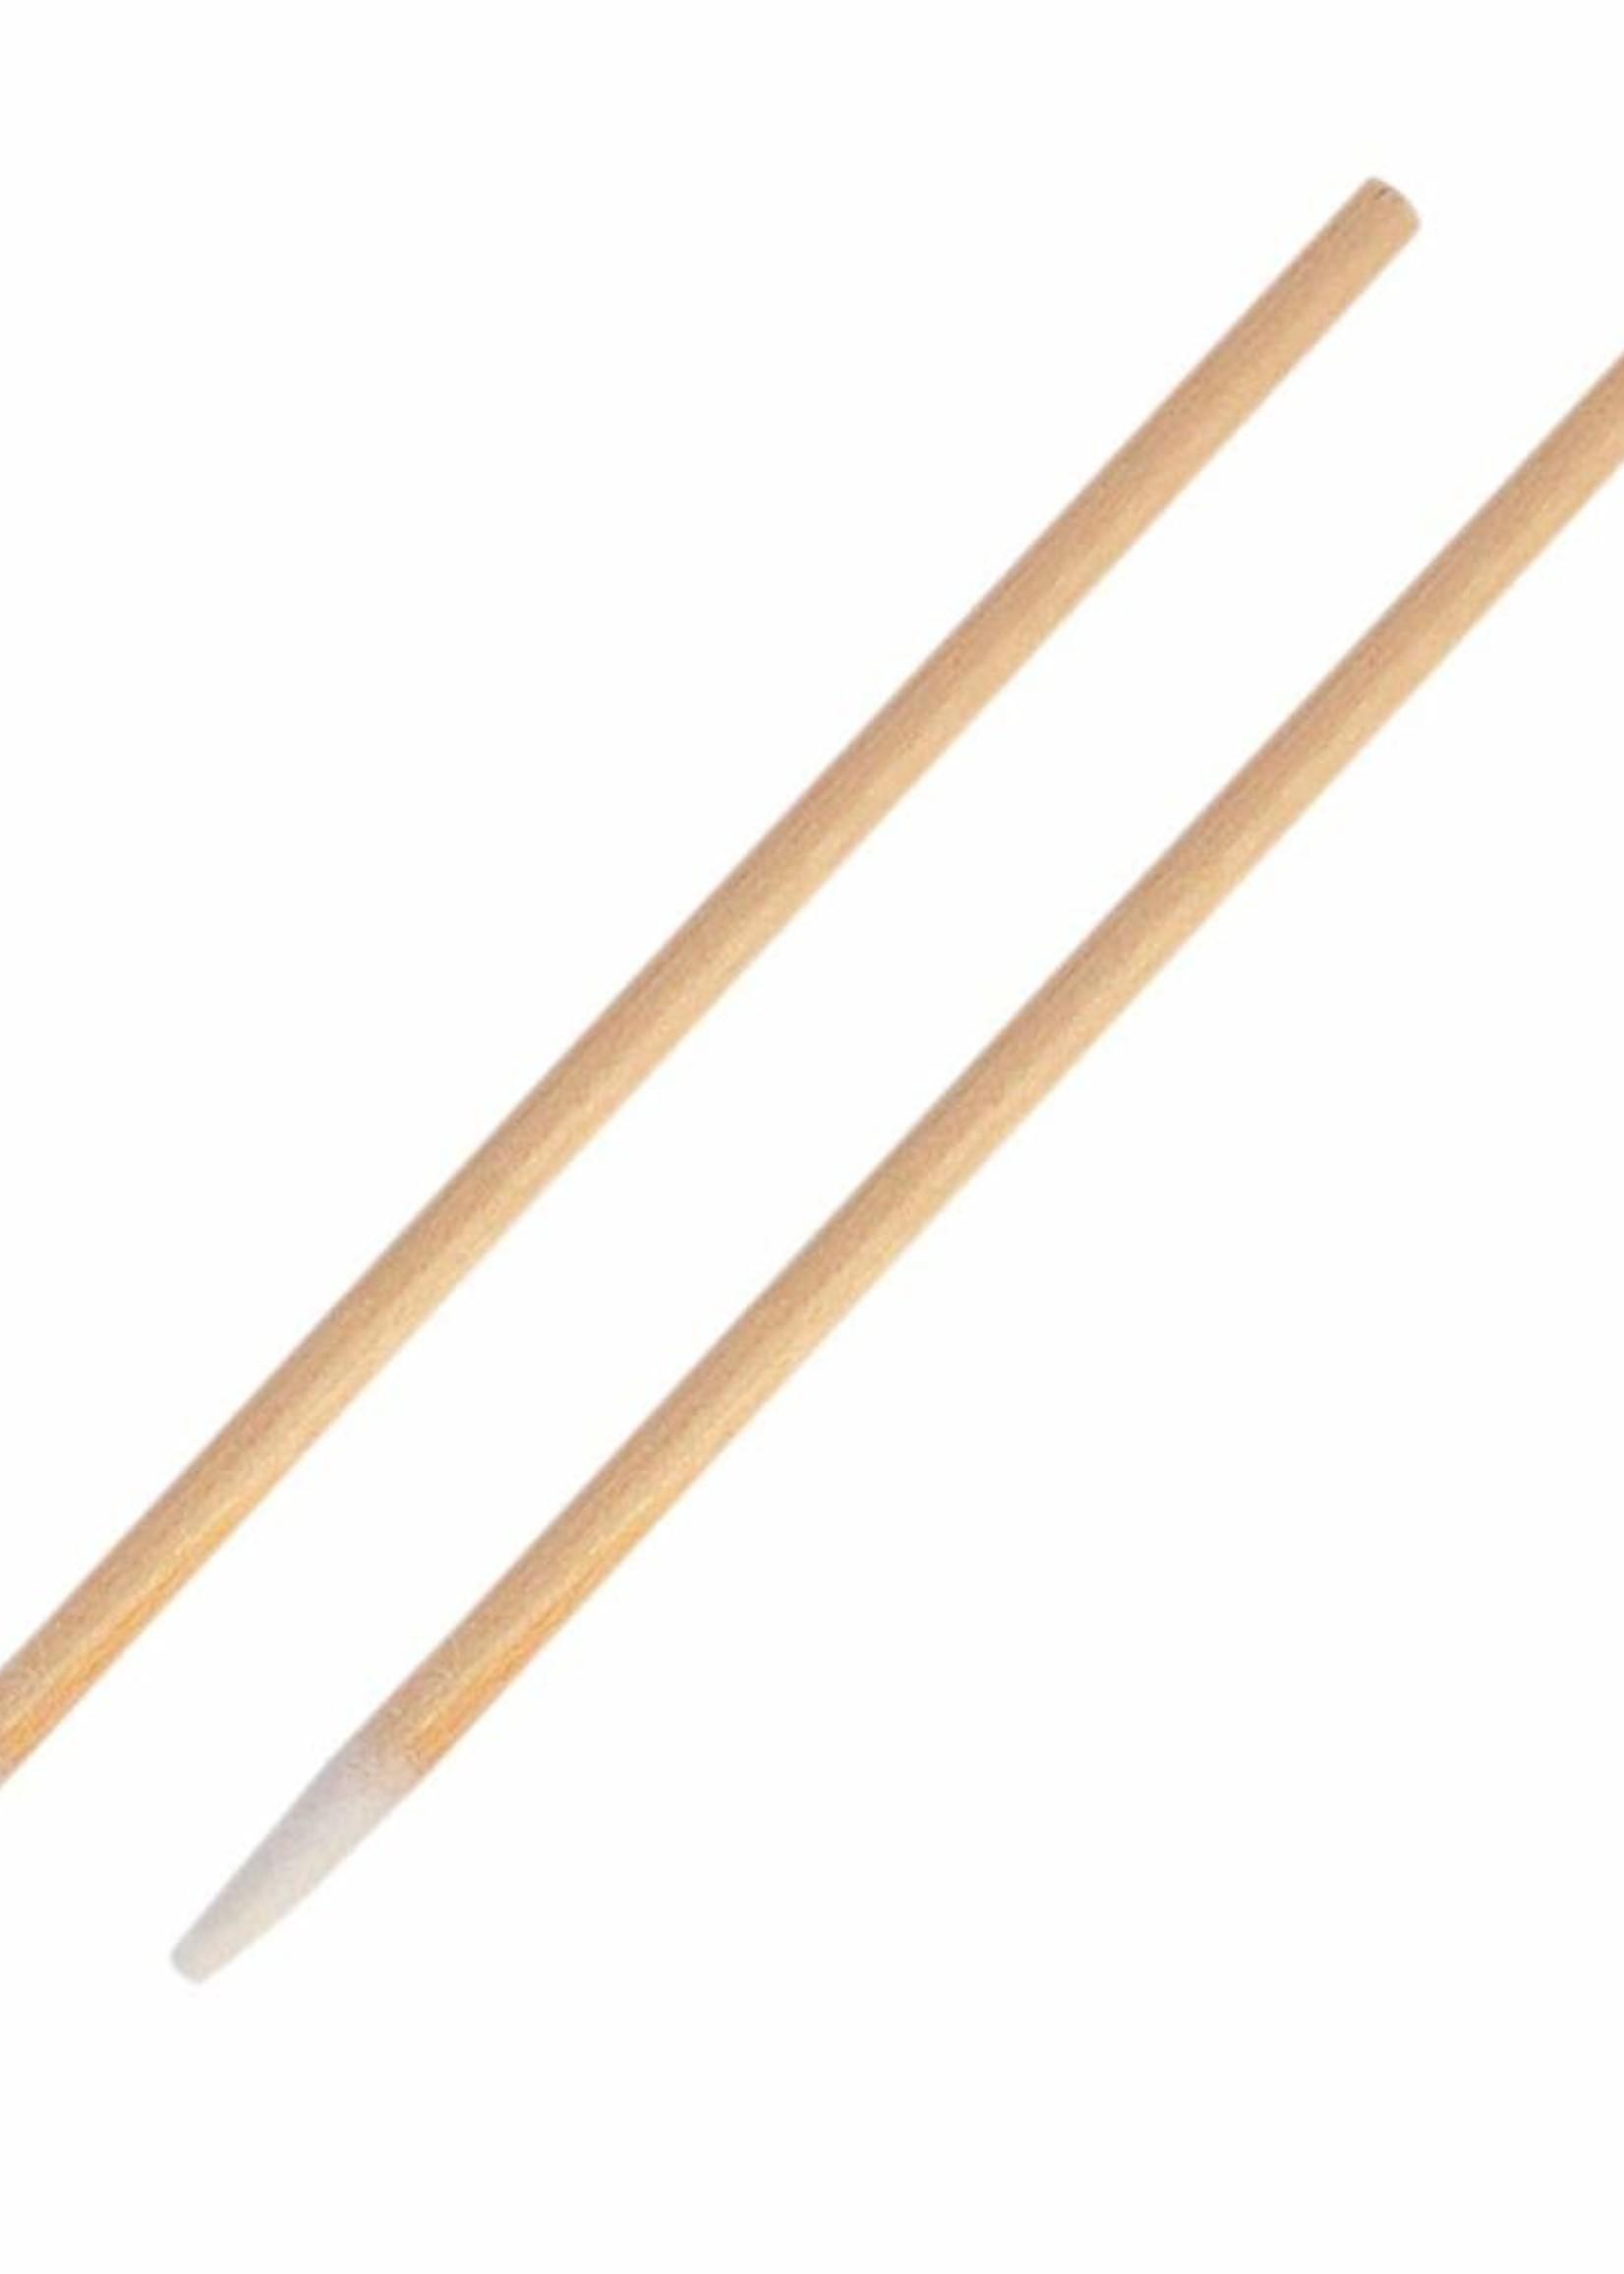 Izavie Mikro Wattestäbchen aus Holz